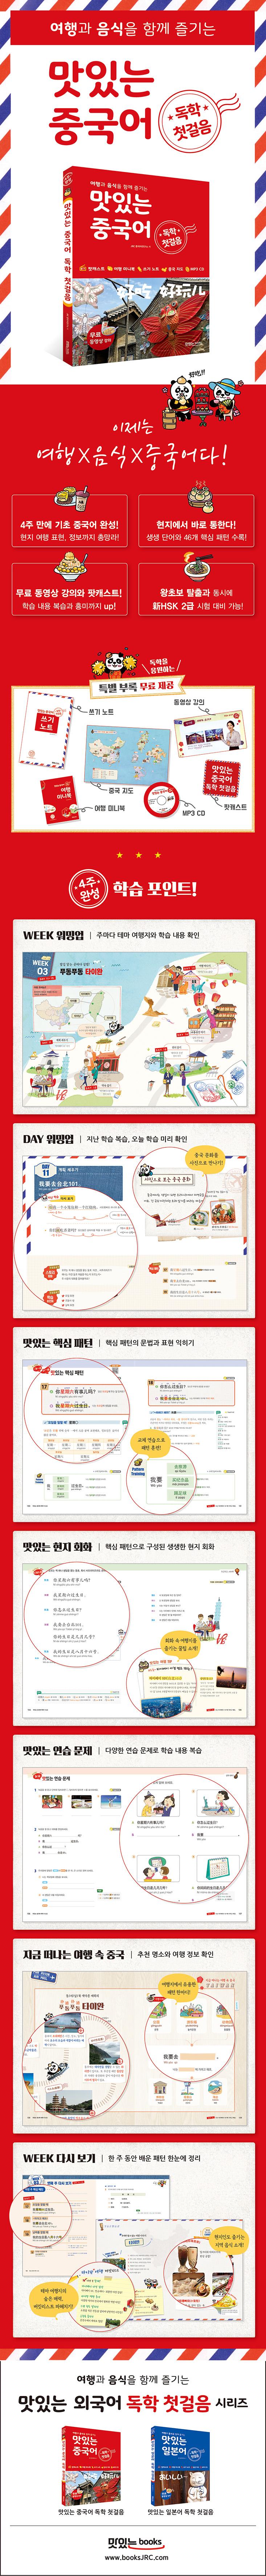 맛있는중국어독학첫걸음_광고(웹용).jpg